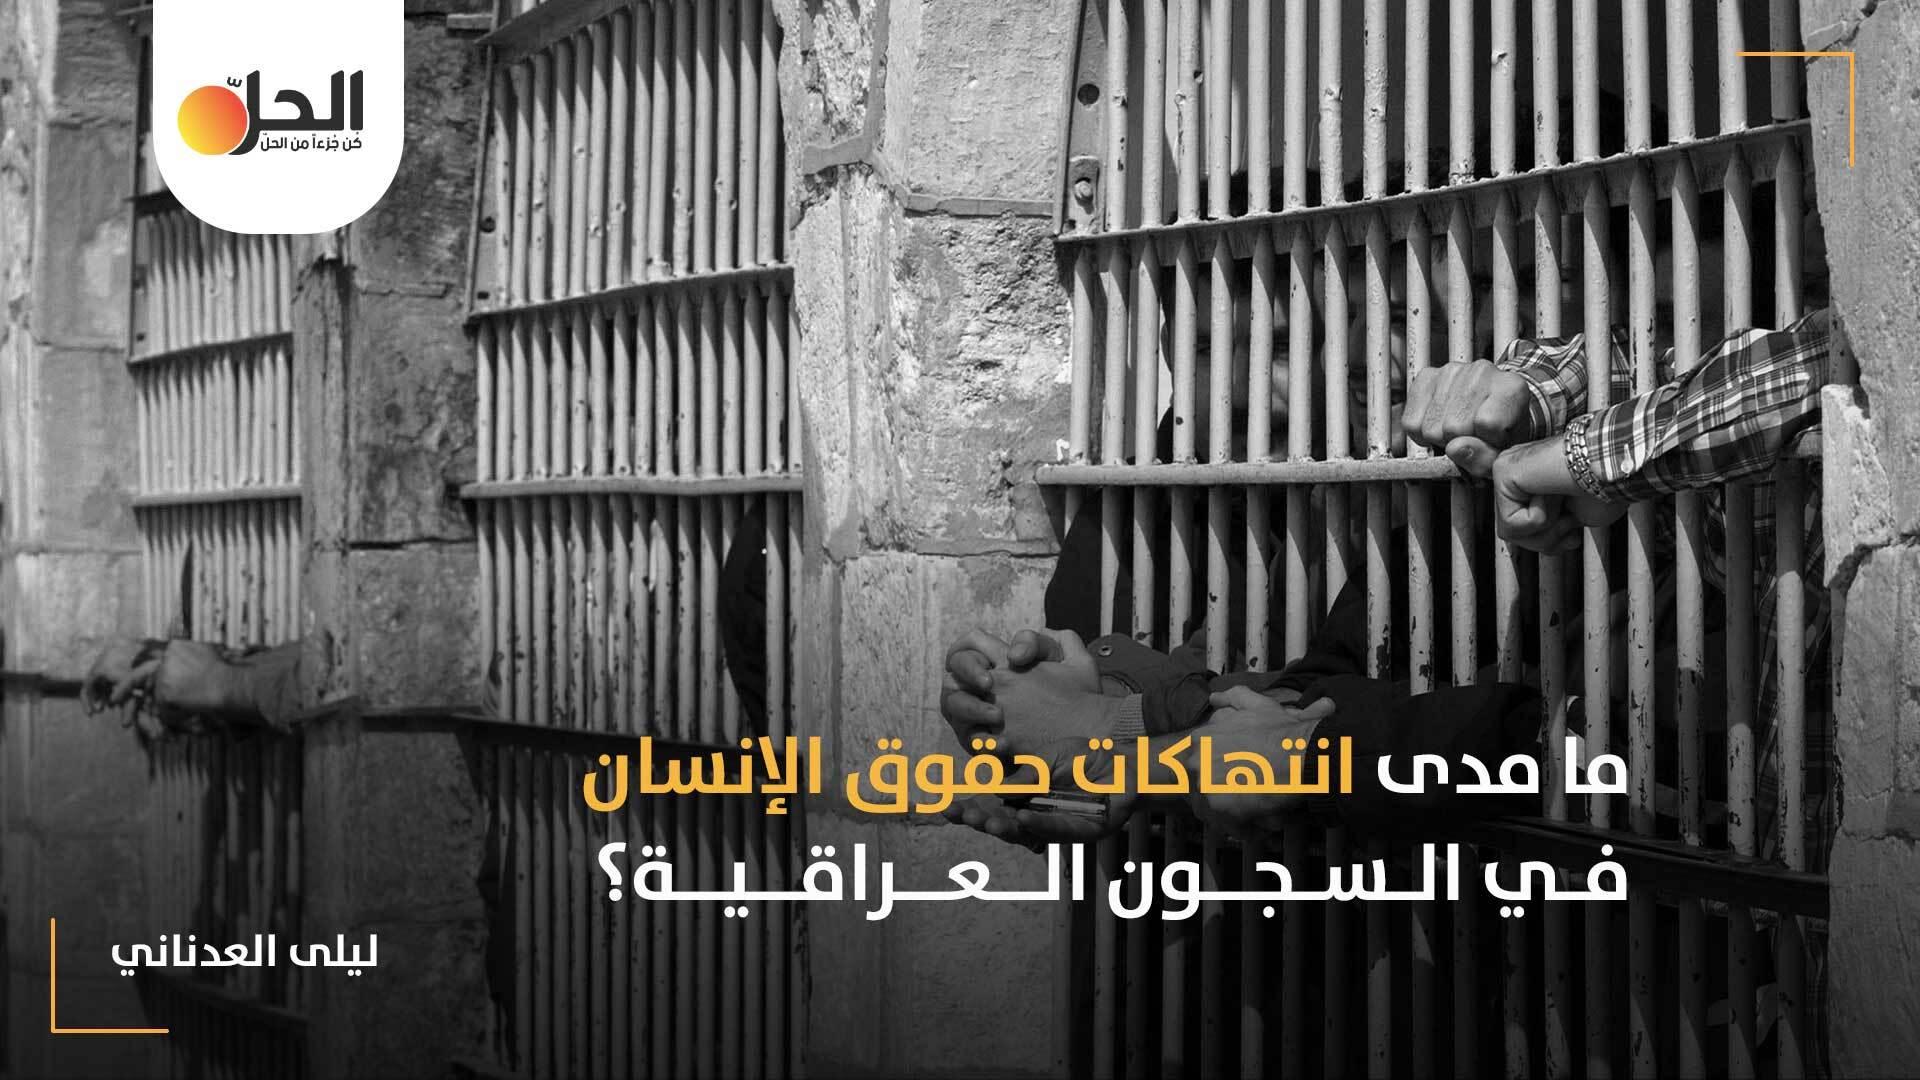 زنازين انفرادية وتعذيب وحشي: هل عجز القضاء العراقي عن قوننة عمليات مكافحة الإرهاب؟